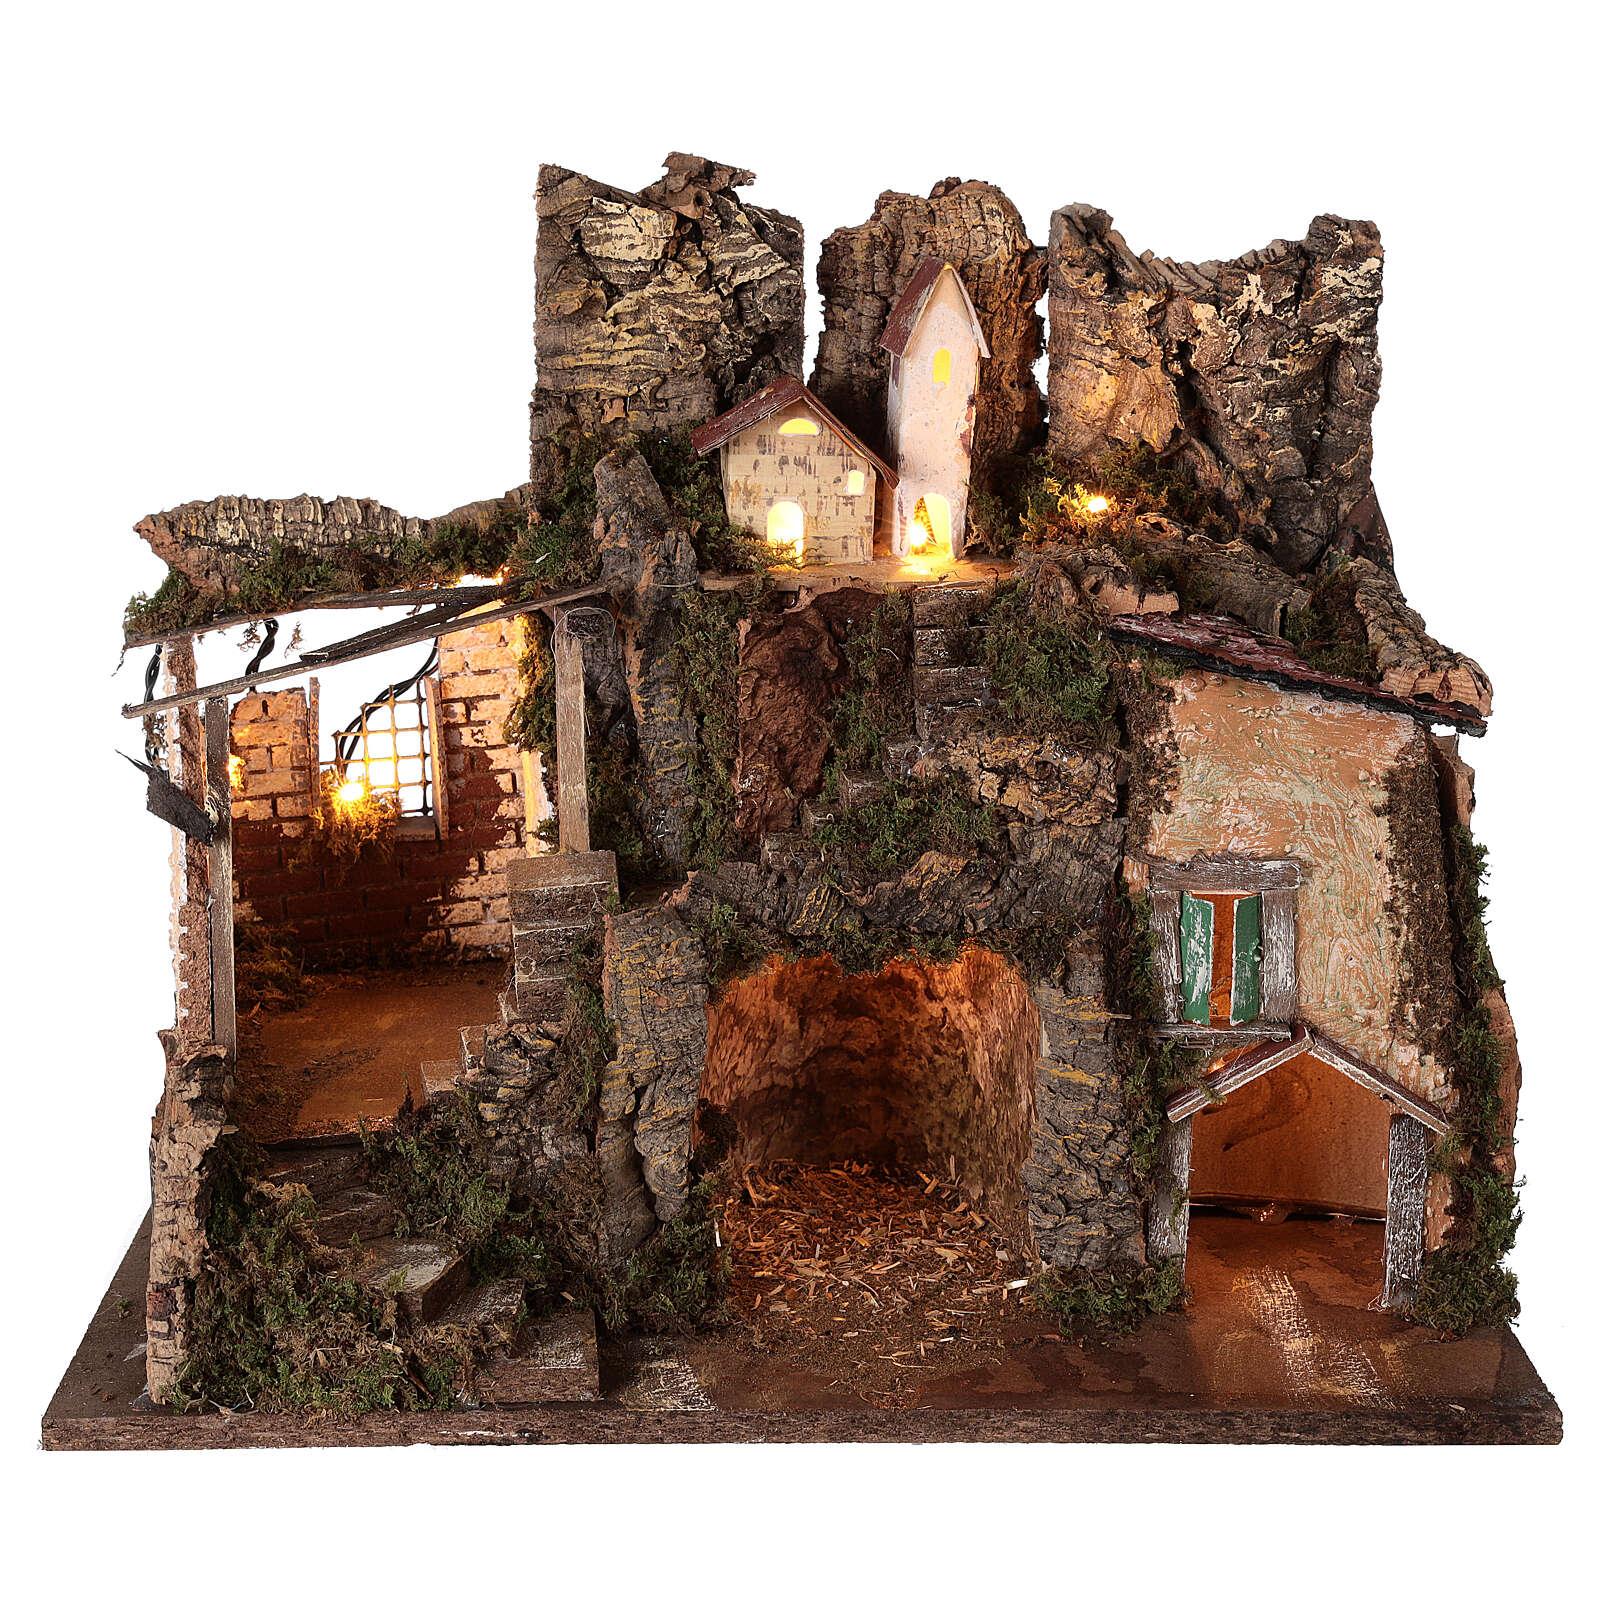 Pueblo cueva Natividad 10 cm casitas montaña 40x45x30 4